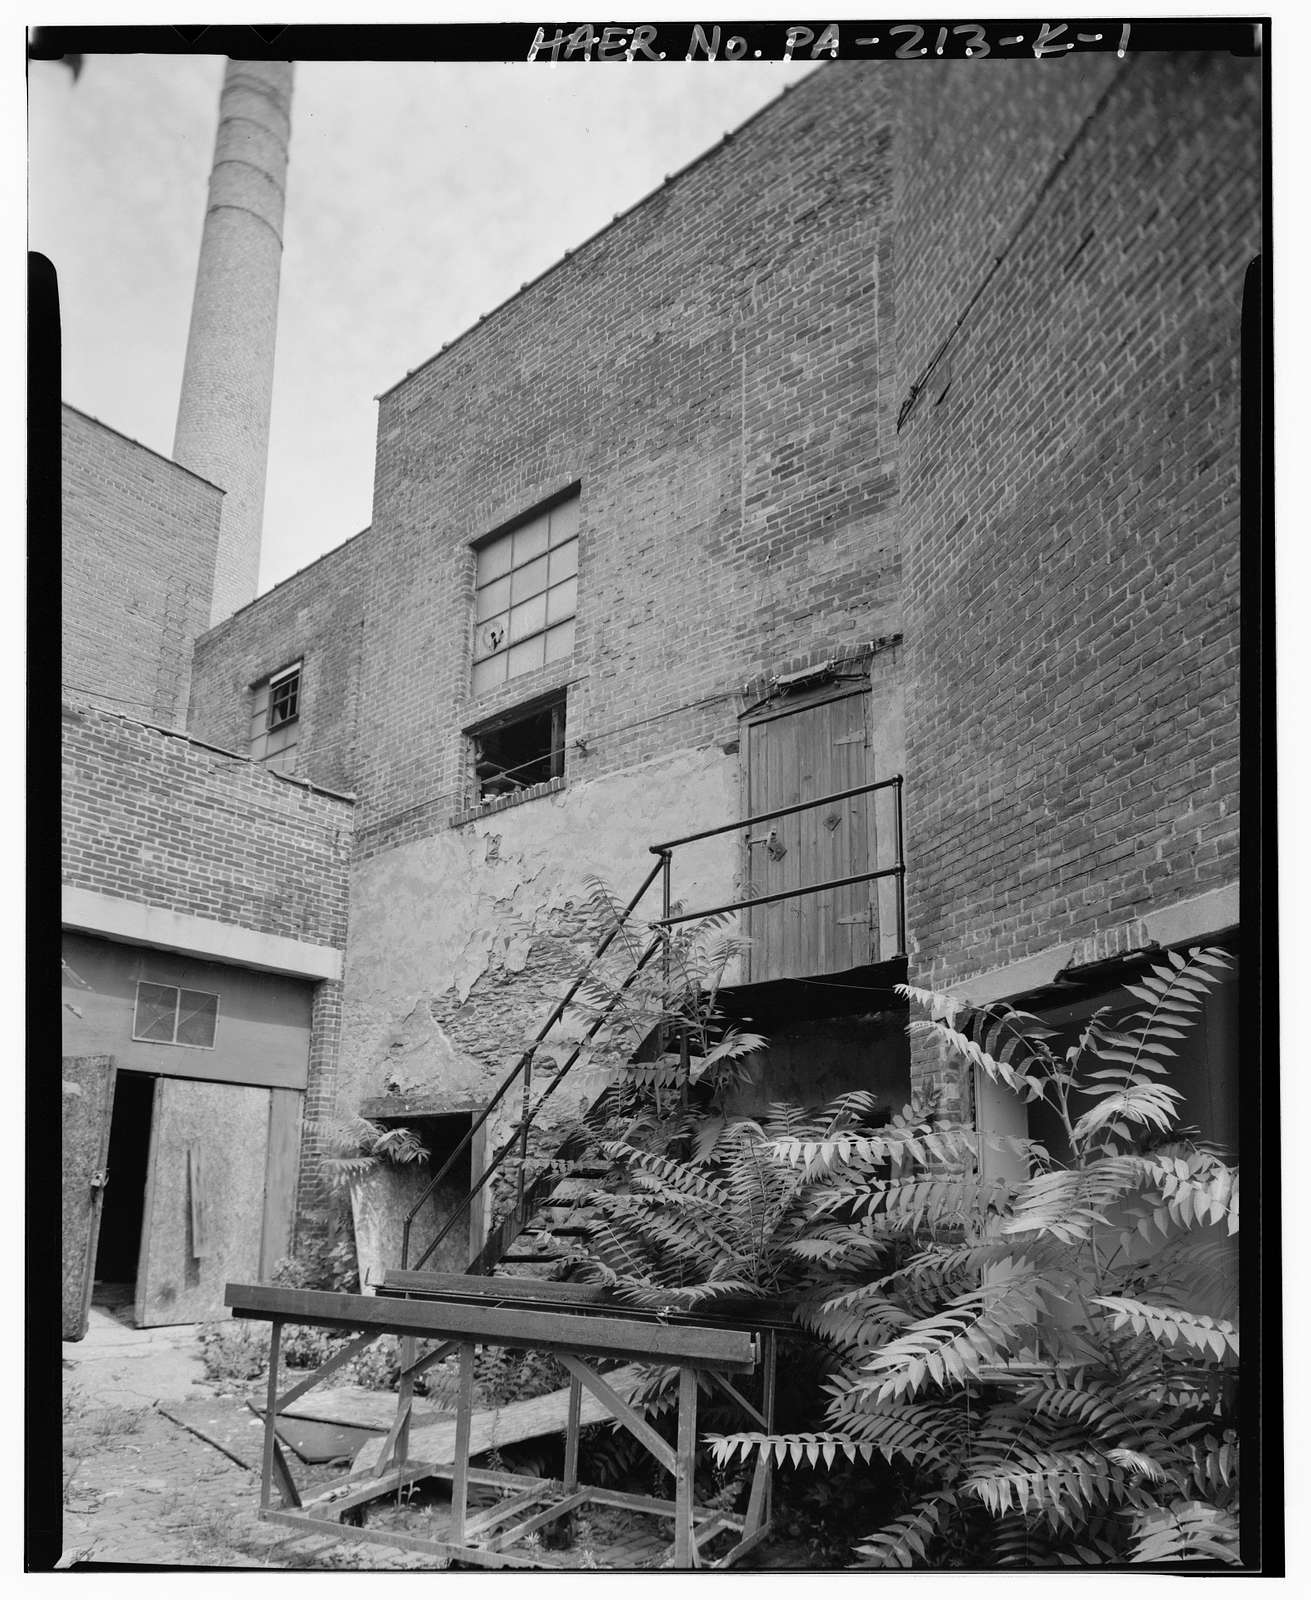 Daniel F. Waters Germantown Dye Works, Building K, 37-55 East Wister Street, Philadelphia, Philadelphia County, PA